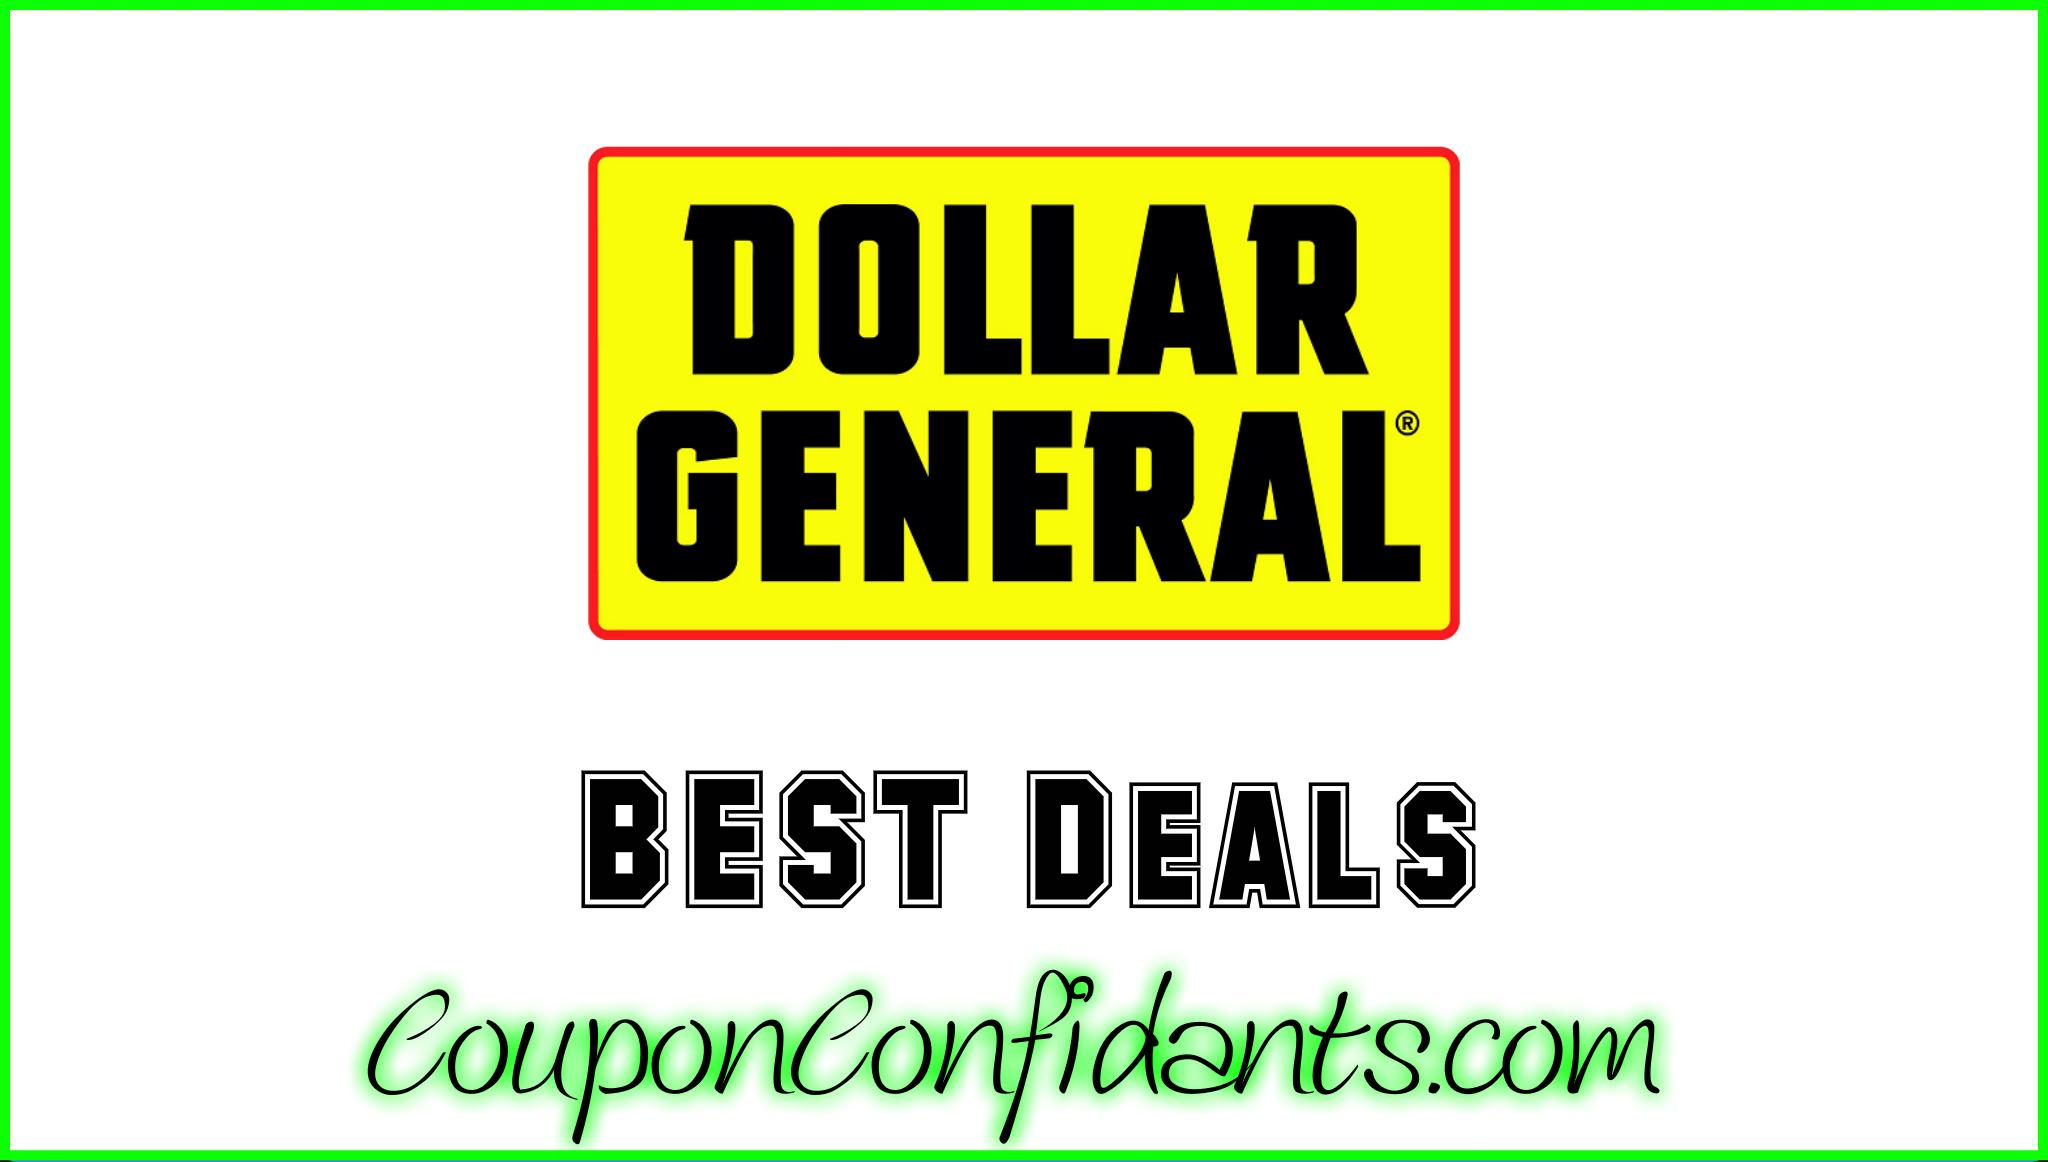 Dollar General - Mar 18 - Mar 24